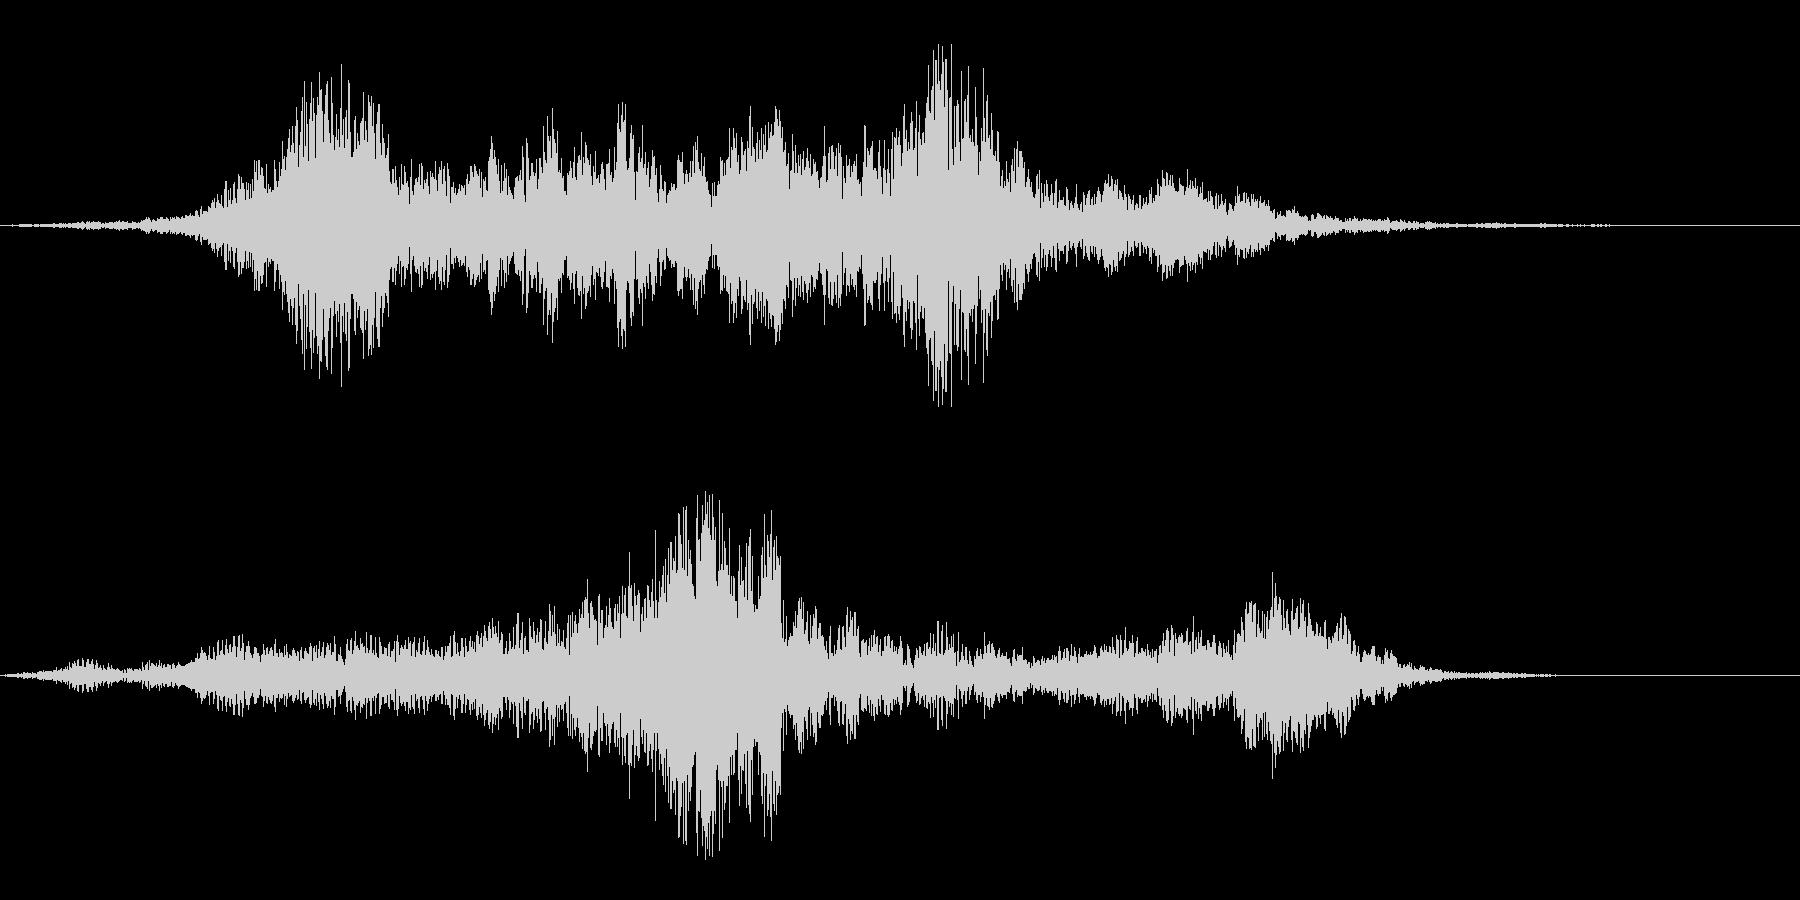 ミョーン(不思議な印象の音)の未再生の波形